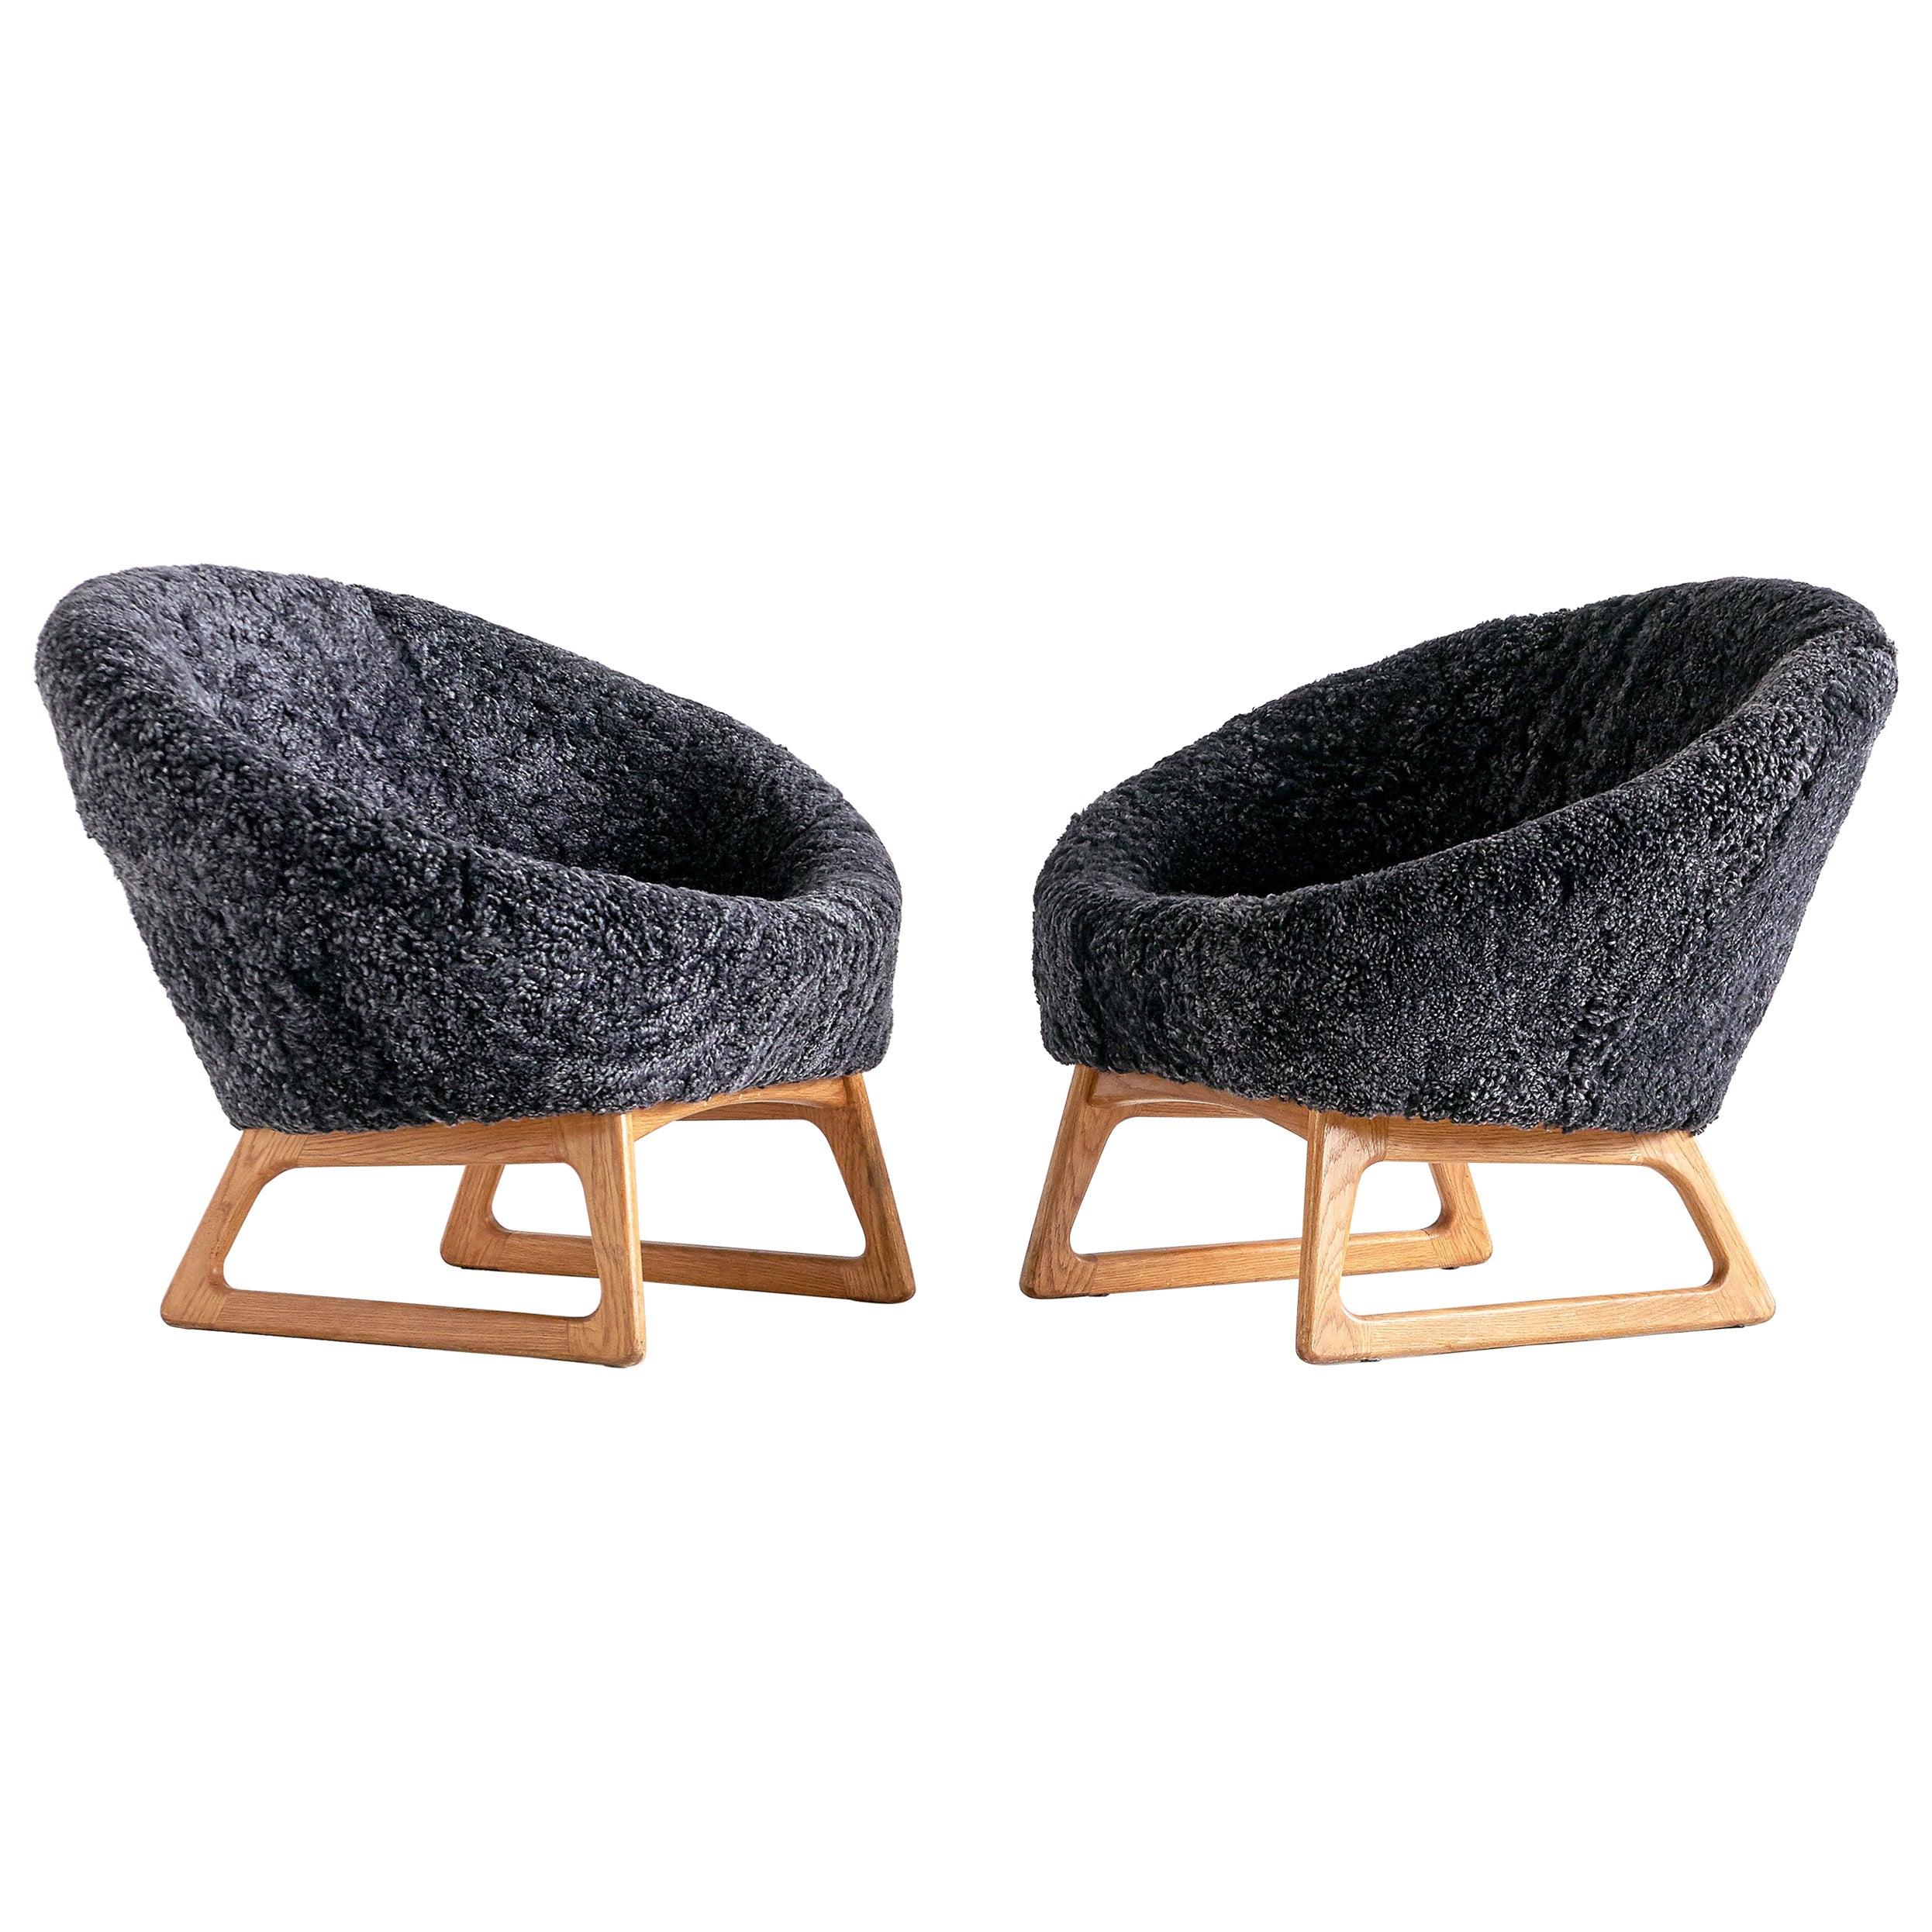 Pair of Kurt Østervig Sheepskin Lounge Chairs, Rolschau Møbler, Denmark, 1958